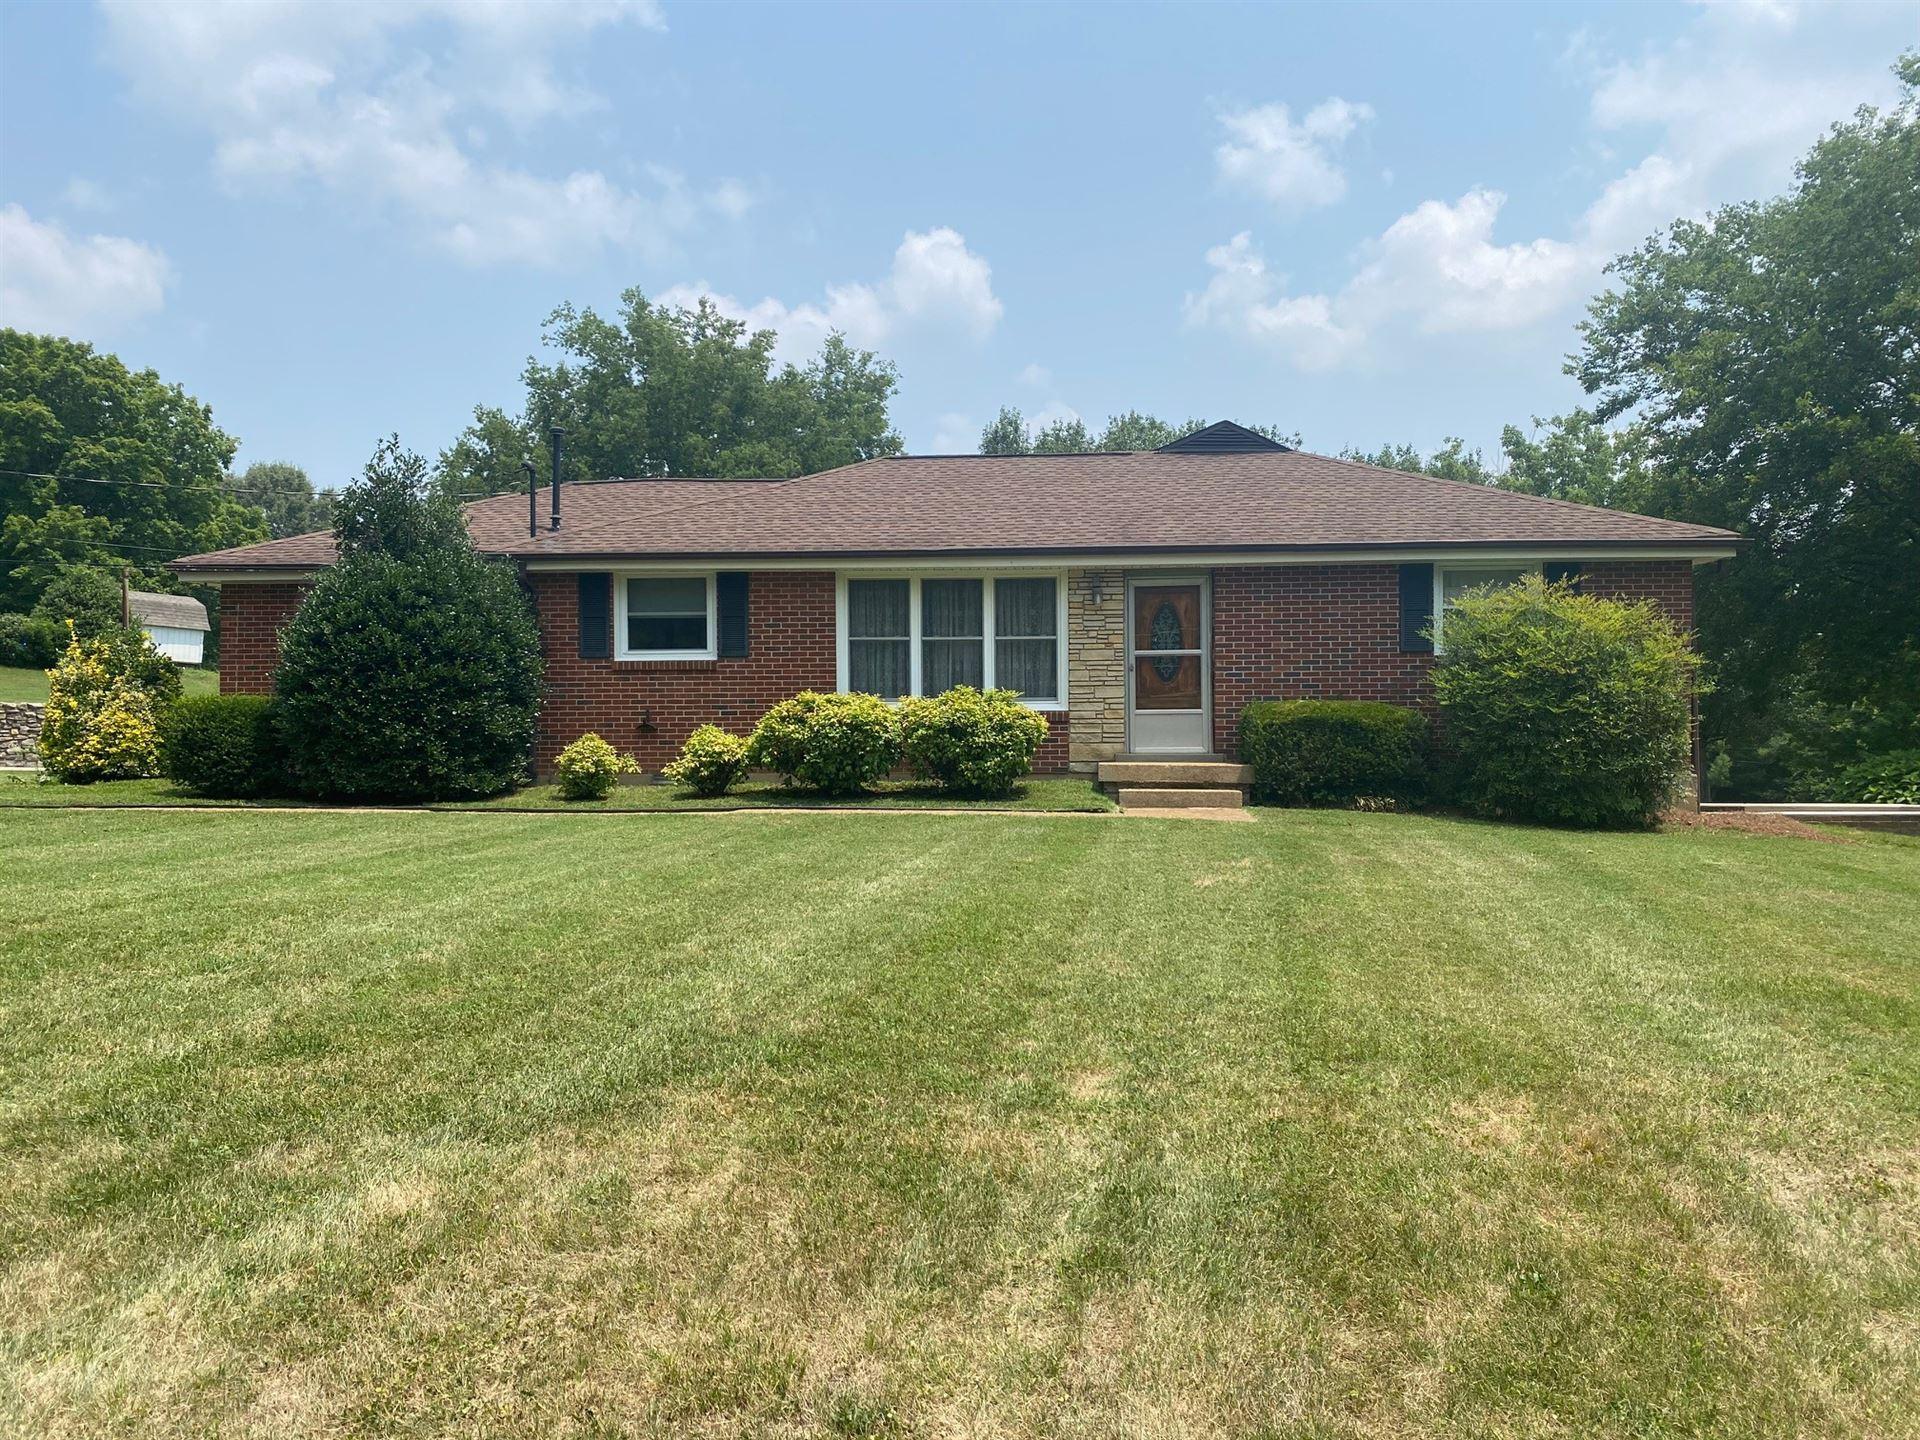 109 Swift Dr, Goodlettsville, TN 37072 - MLS#: 2274666